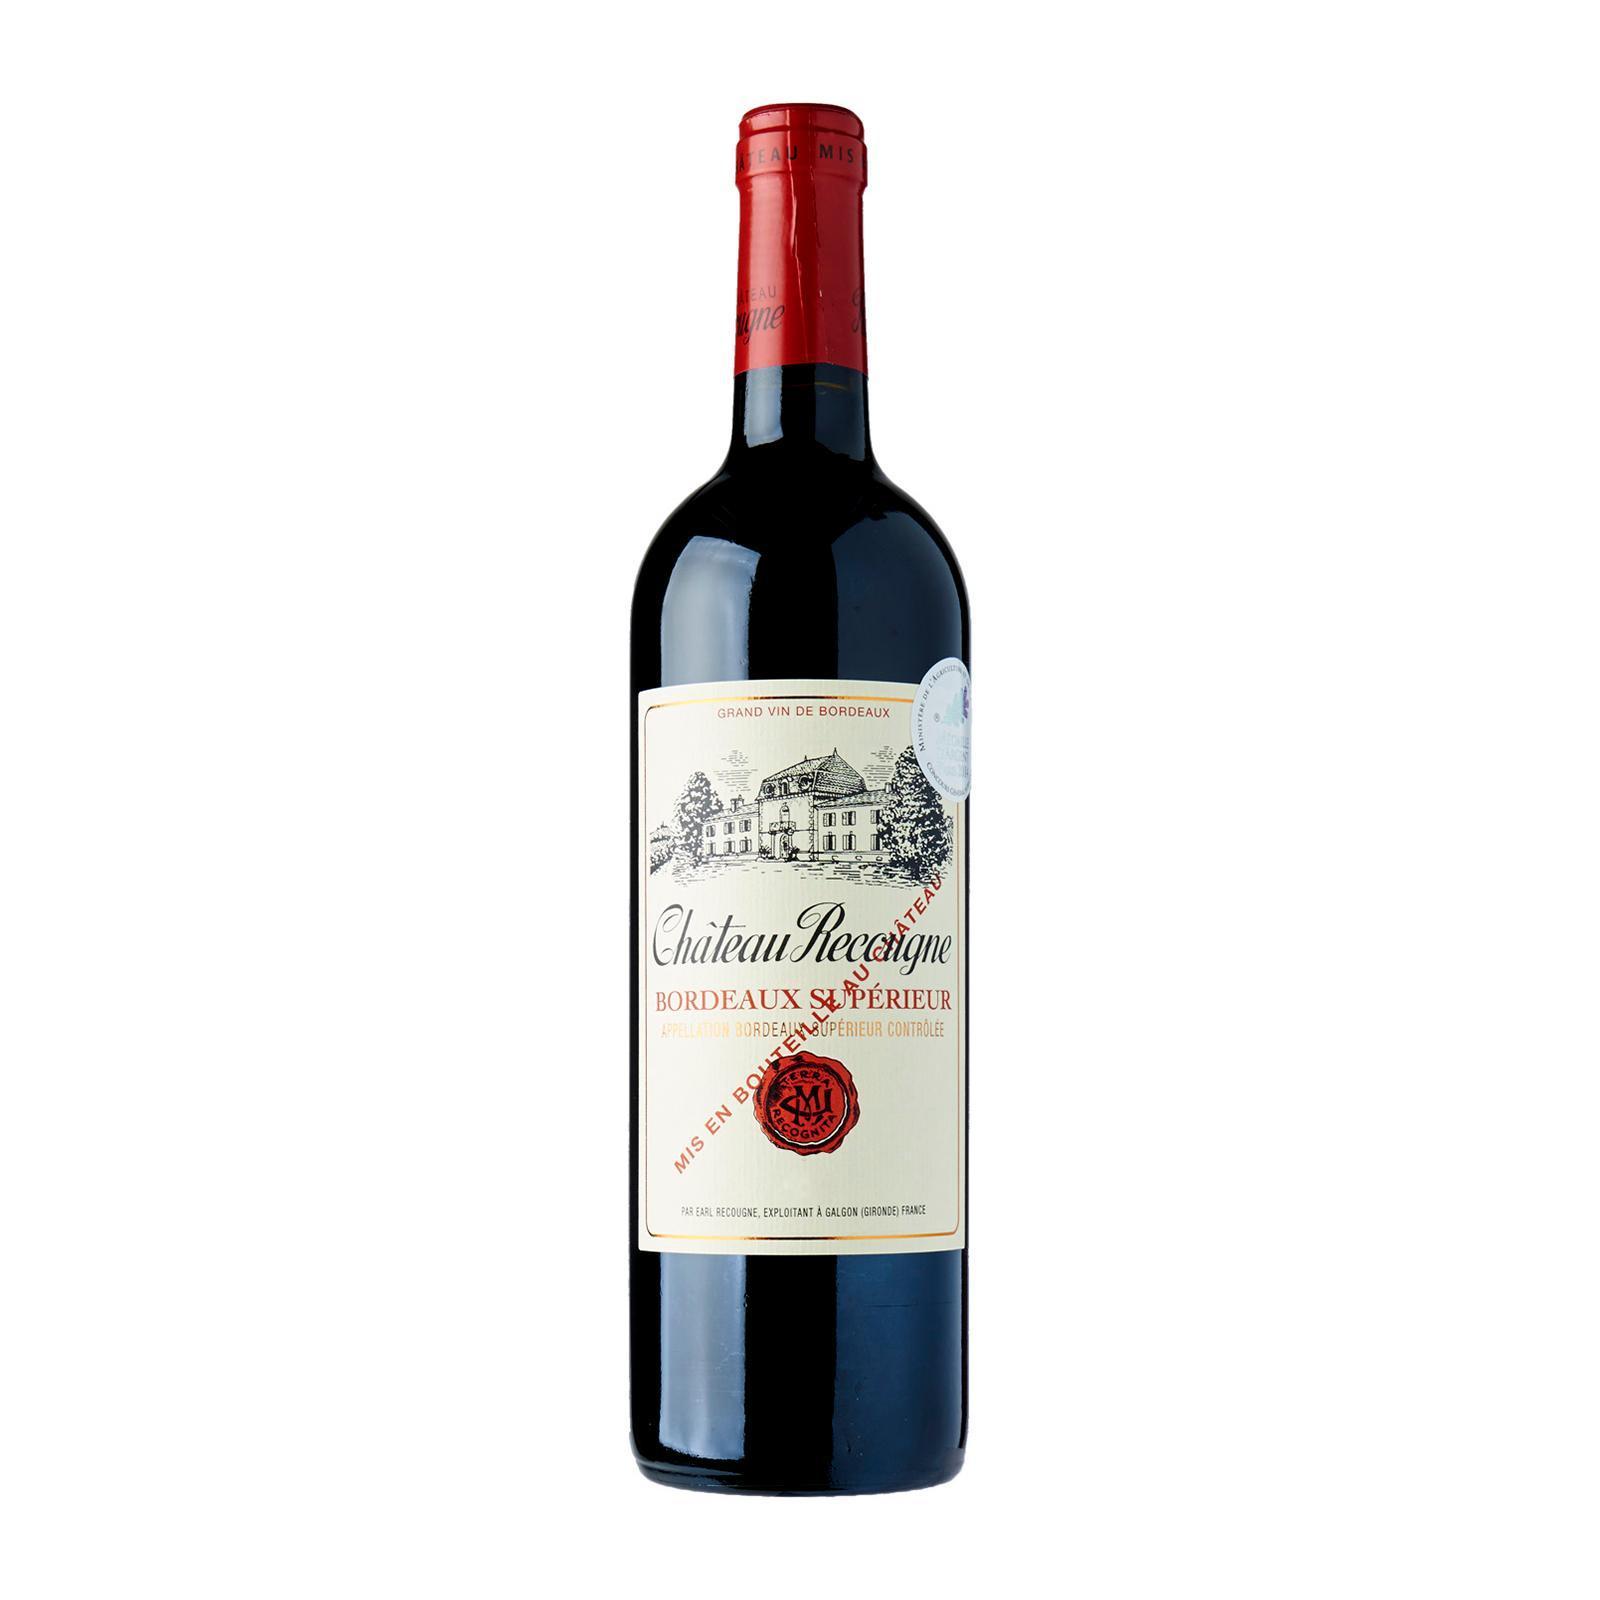 Samazeuilh Chateau Recougne Bordeaux Superieur Rouge